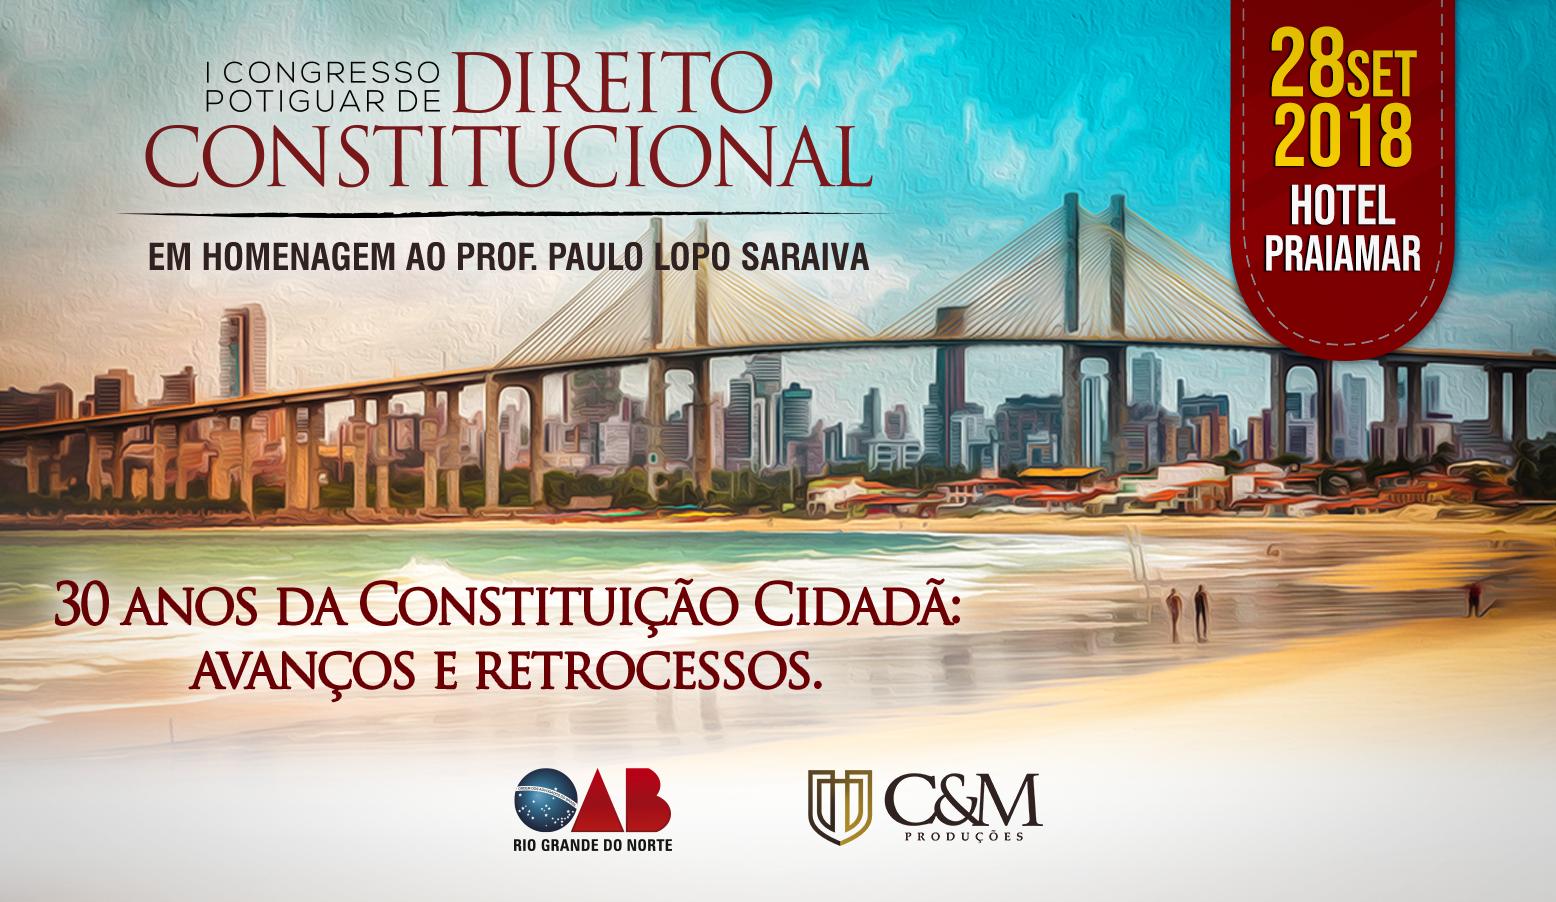 Inscreva-se I Congresso Potiguar de Direito Constitucional acontecerá dia 28